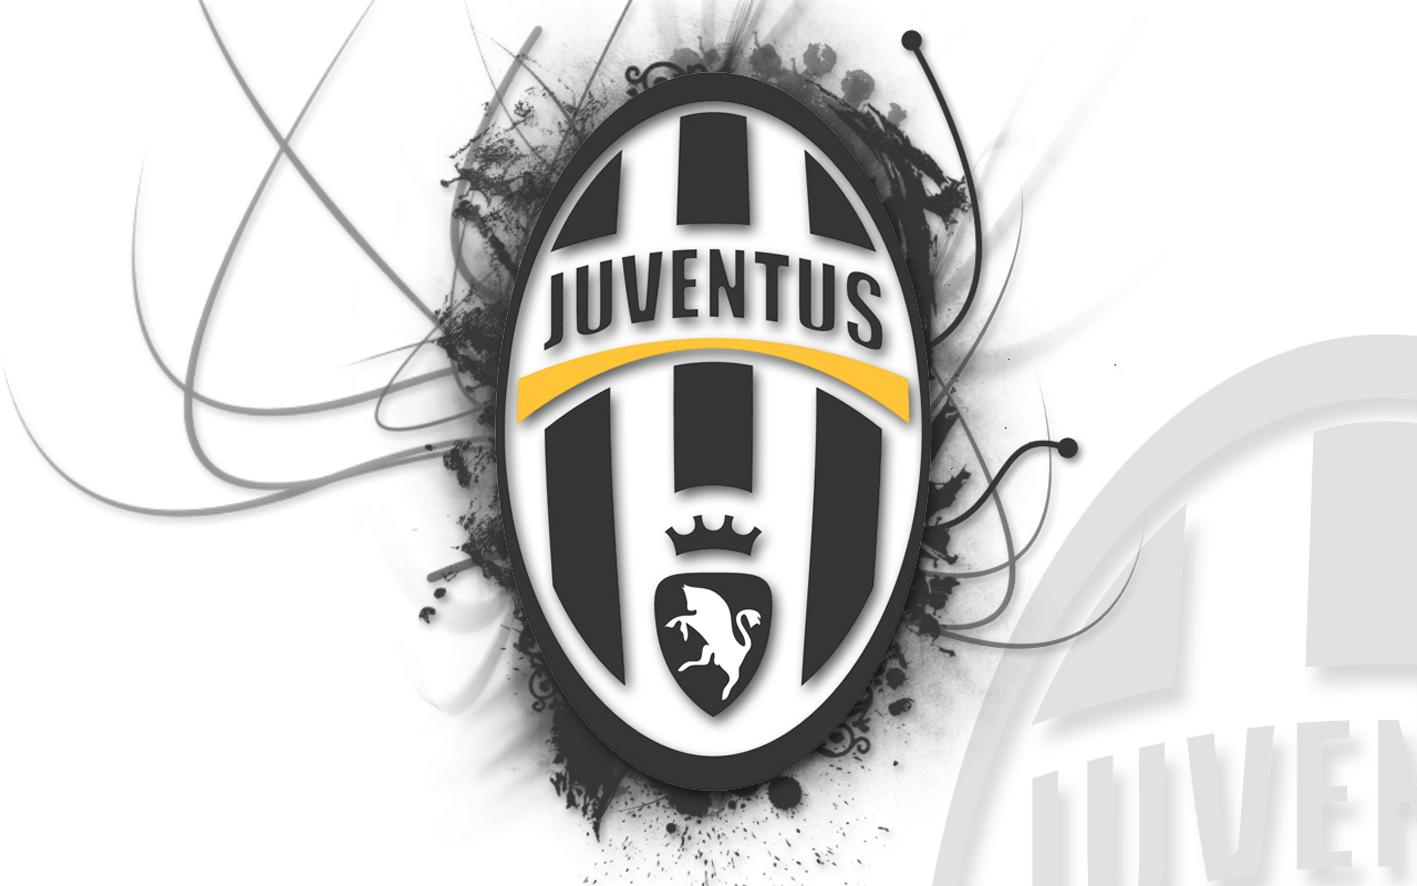 Juventus: Juventus Wallpaper